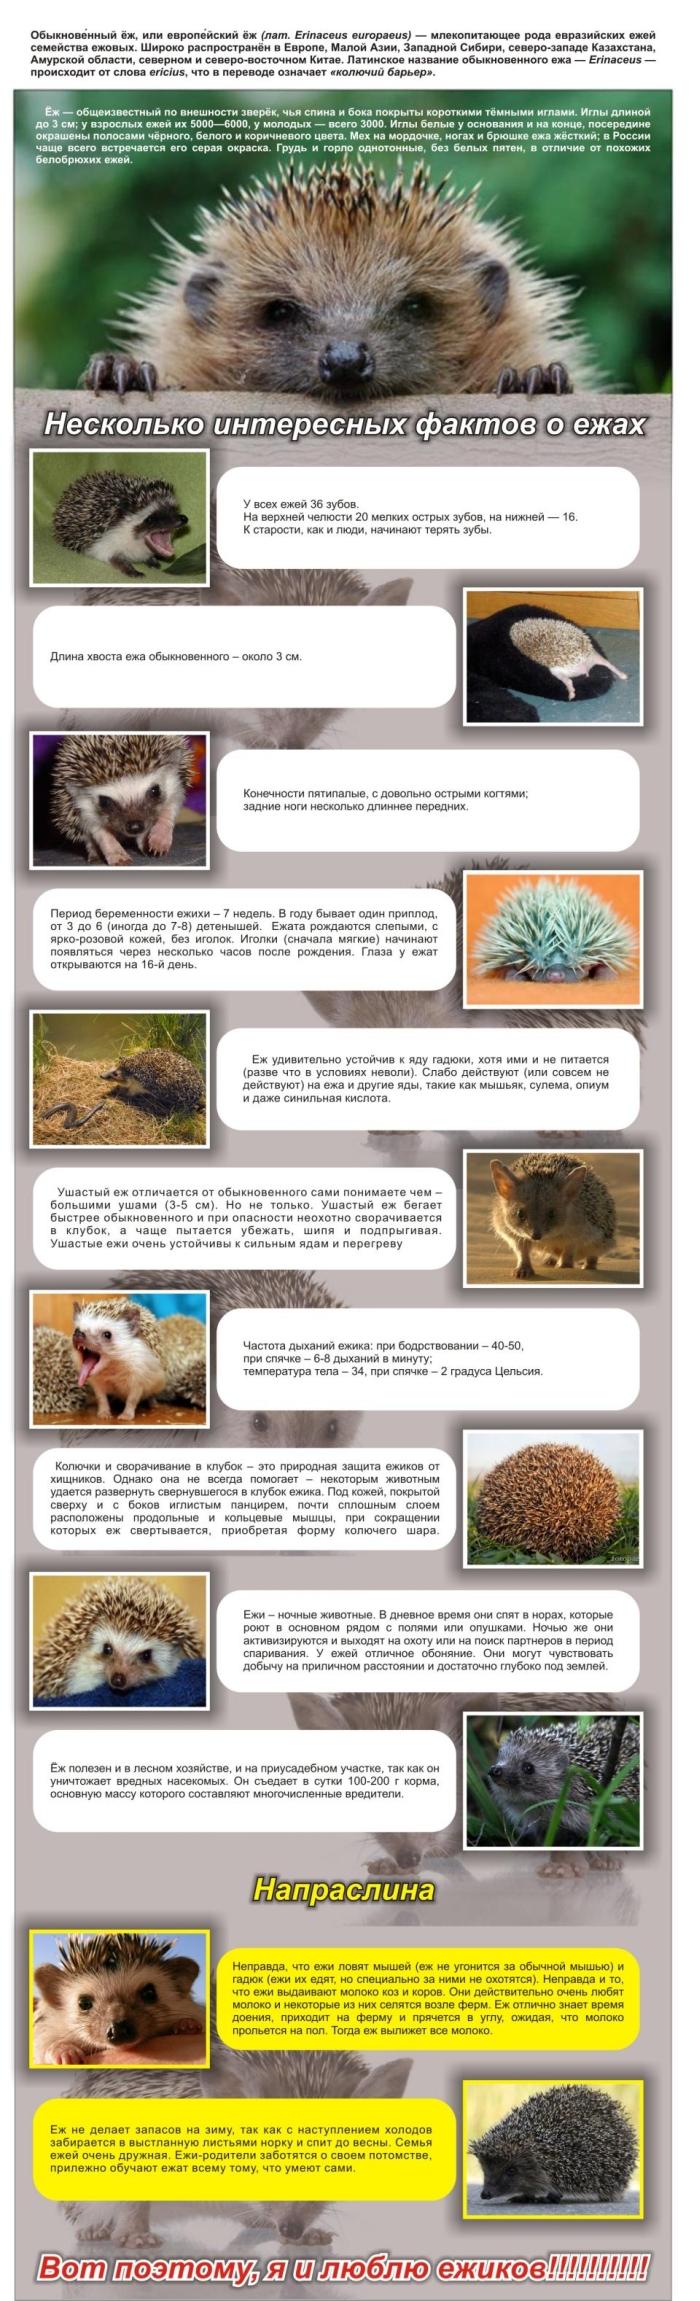 Познавательно про ежиков (1 картинка)